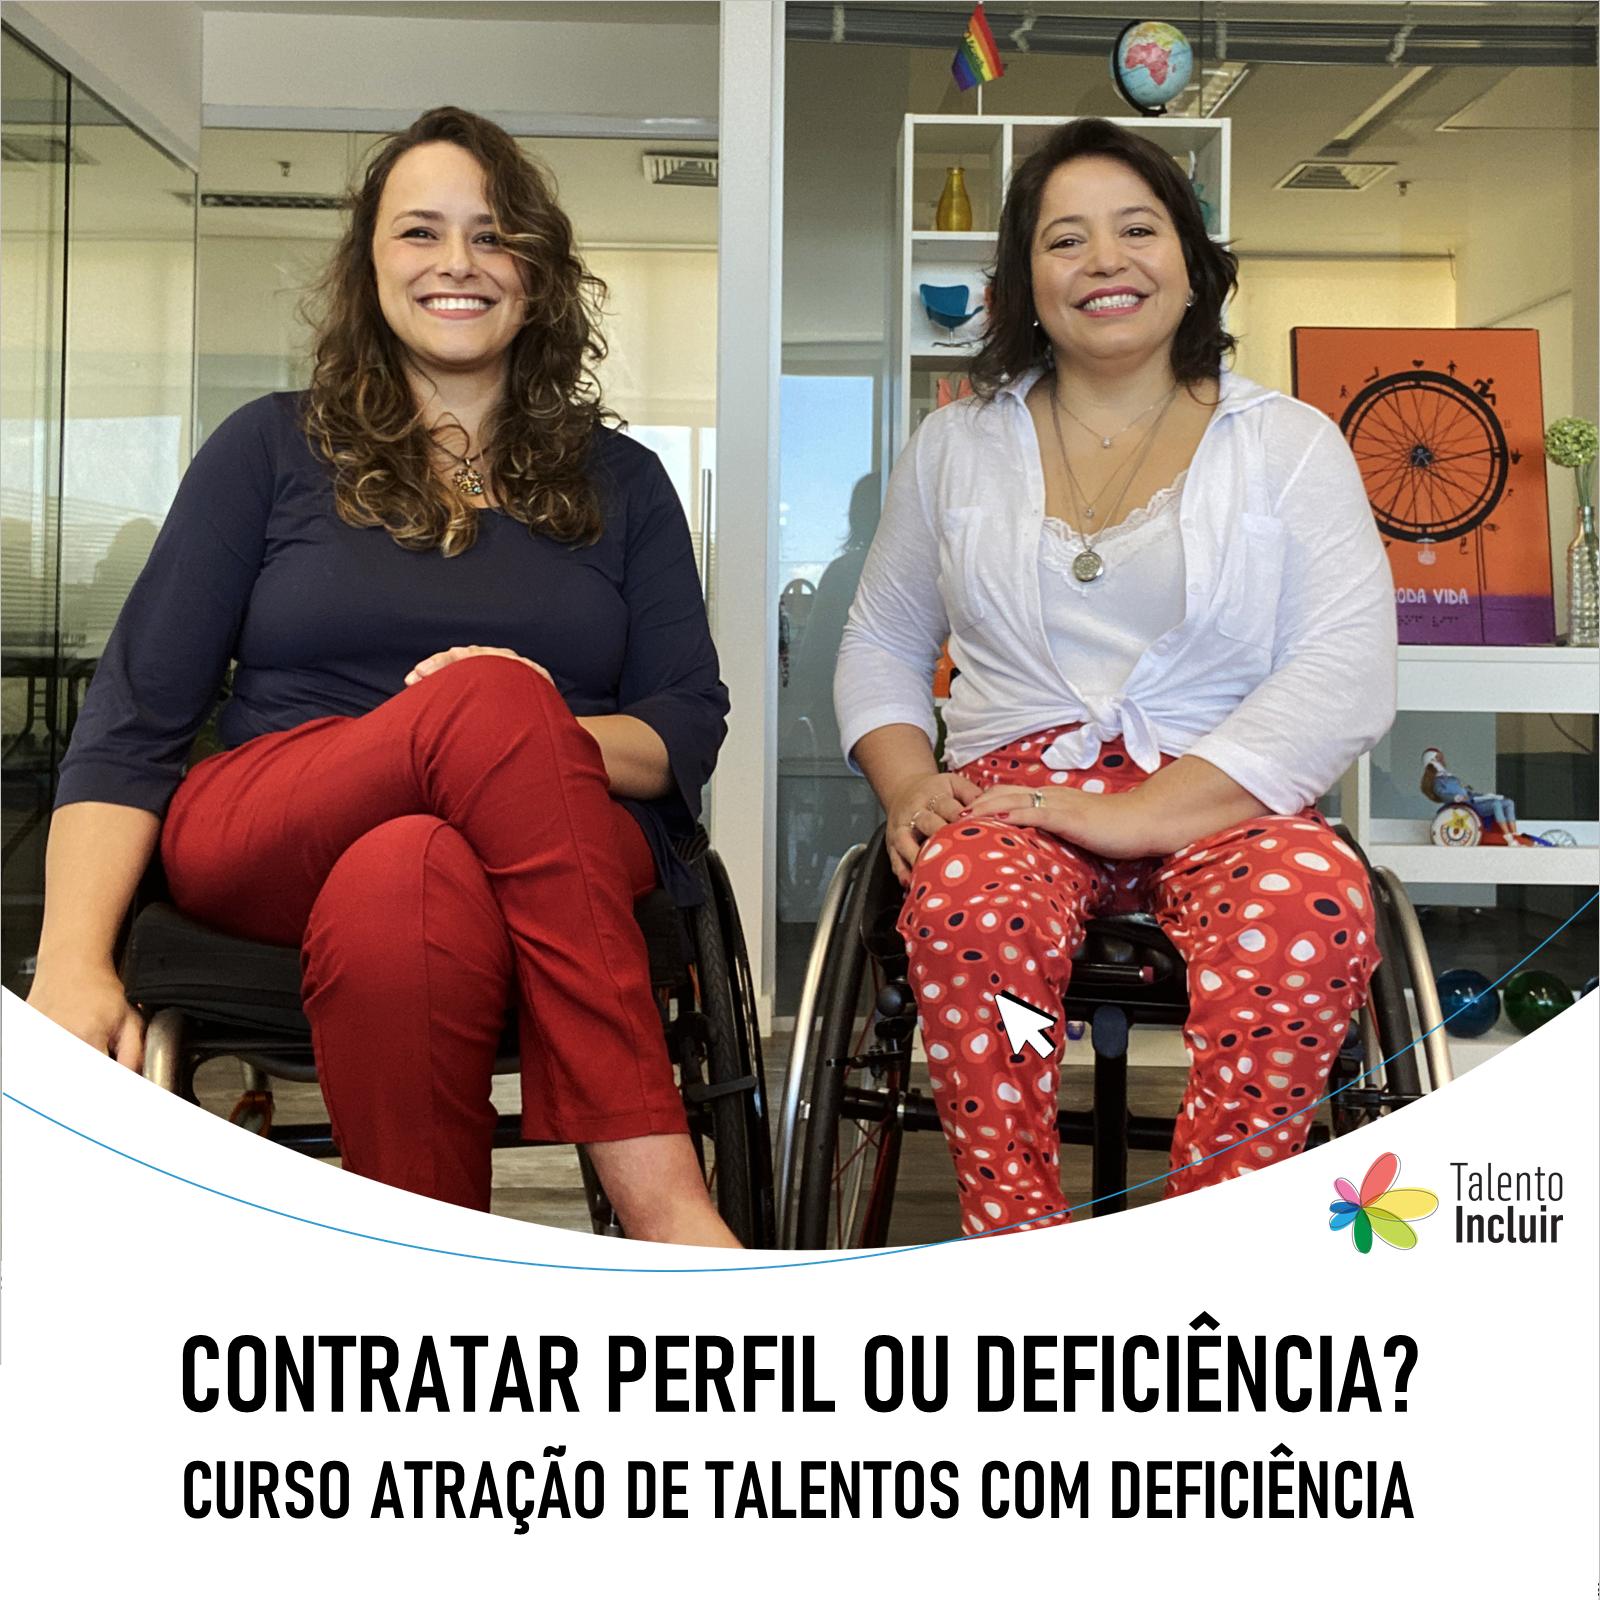 foto de tabata e carolina lado a lado sorrindo com o escrito: contratar perfil ou deficiência? curso atração de Talentos com deficiênca